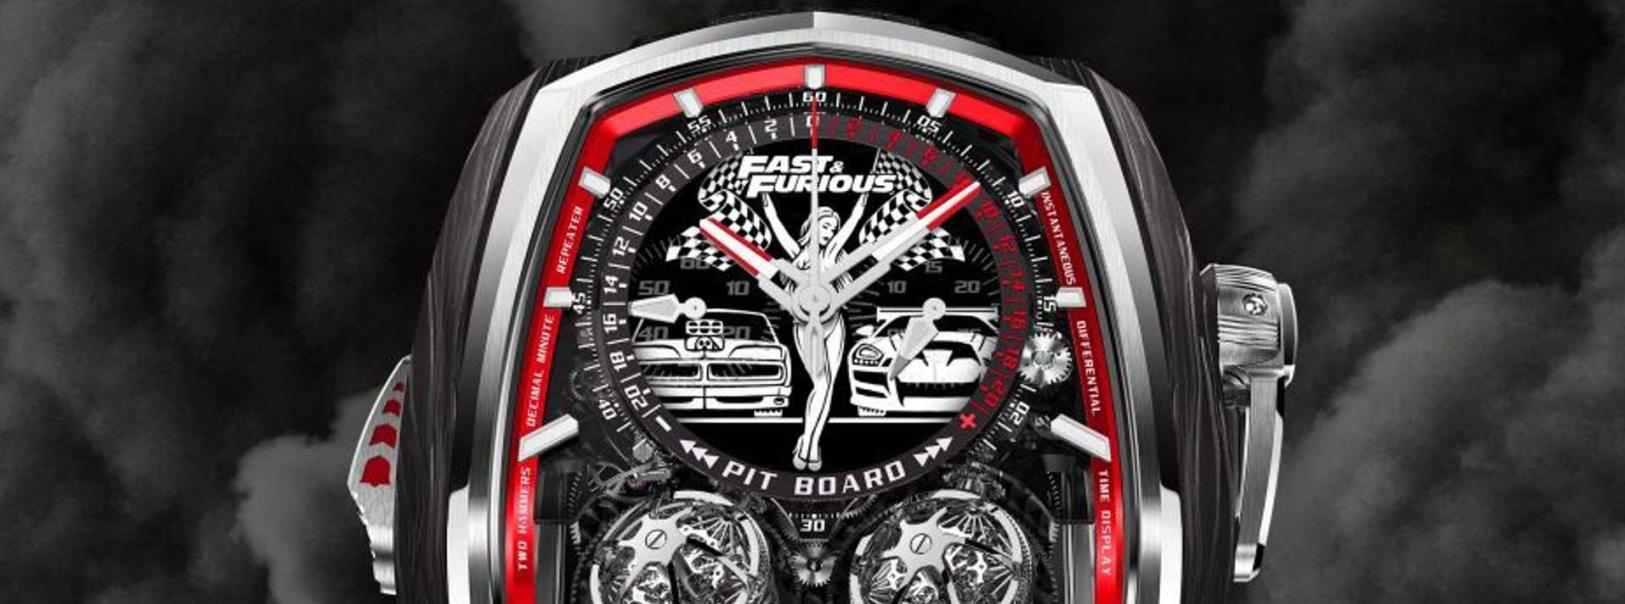 速度与激情里有832个零件的涡轮增压腕表